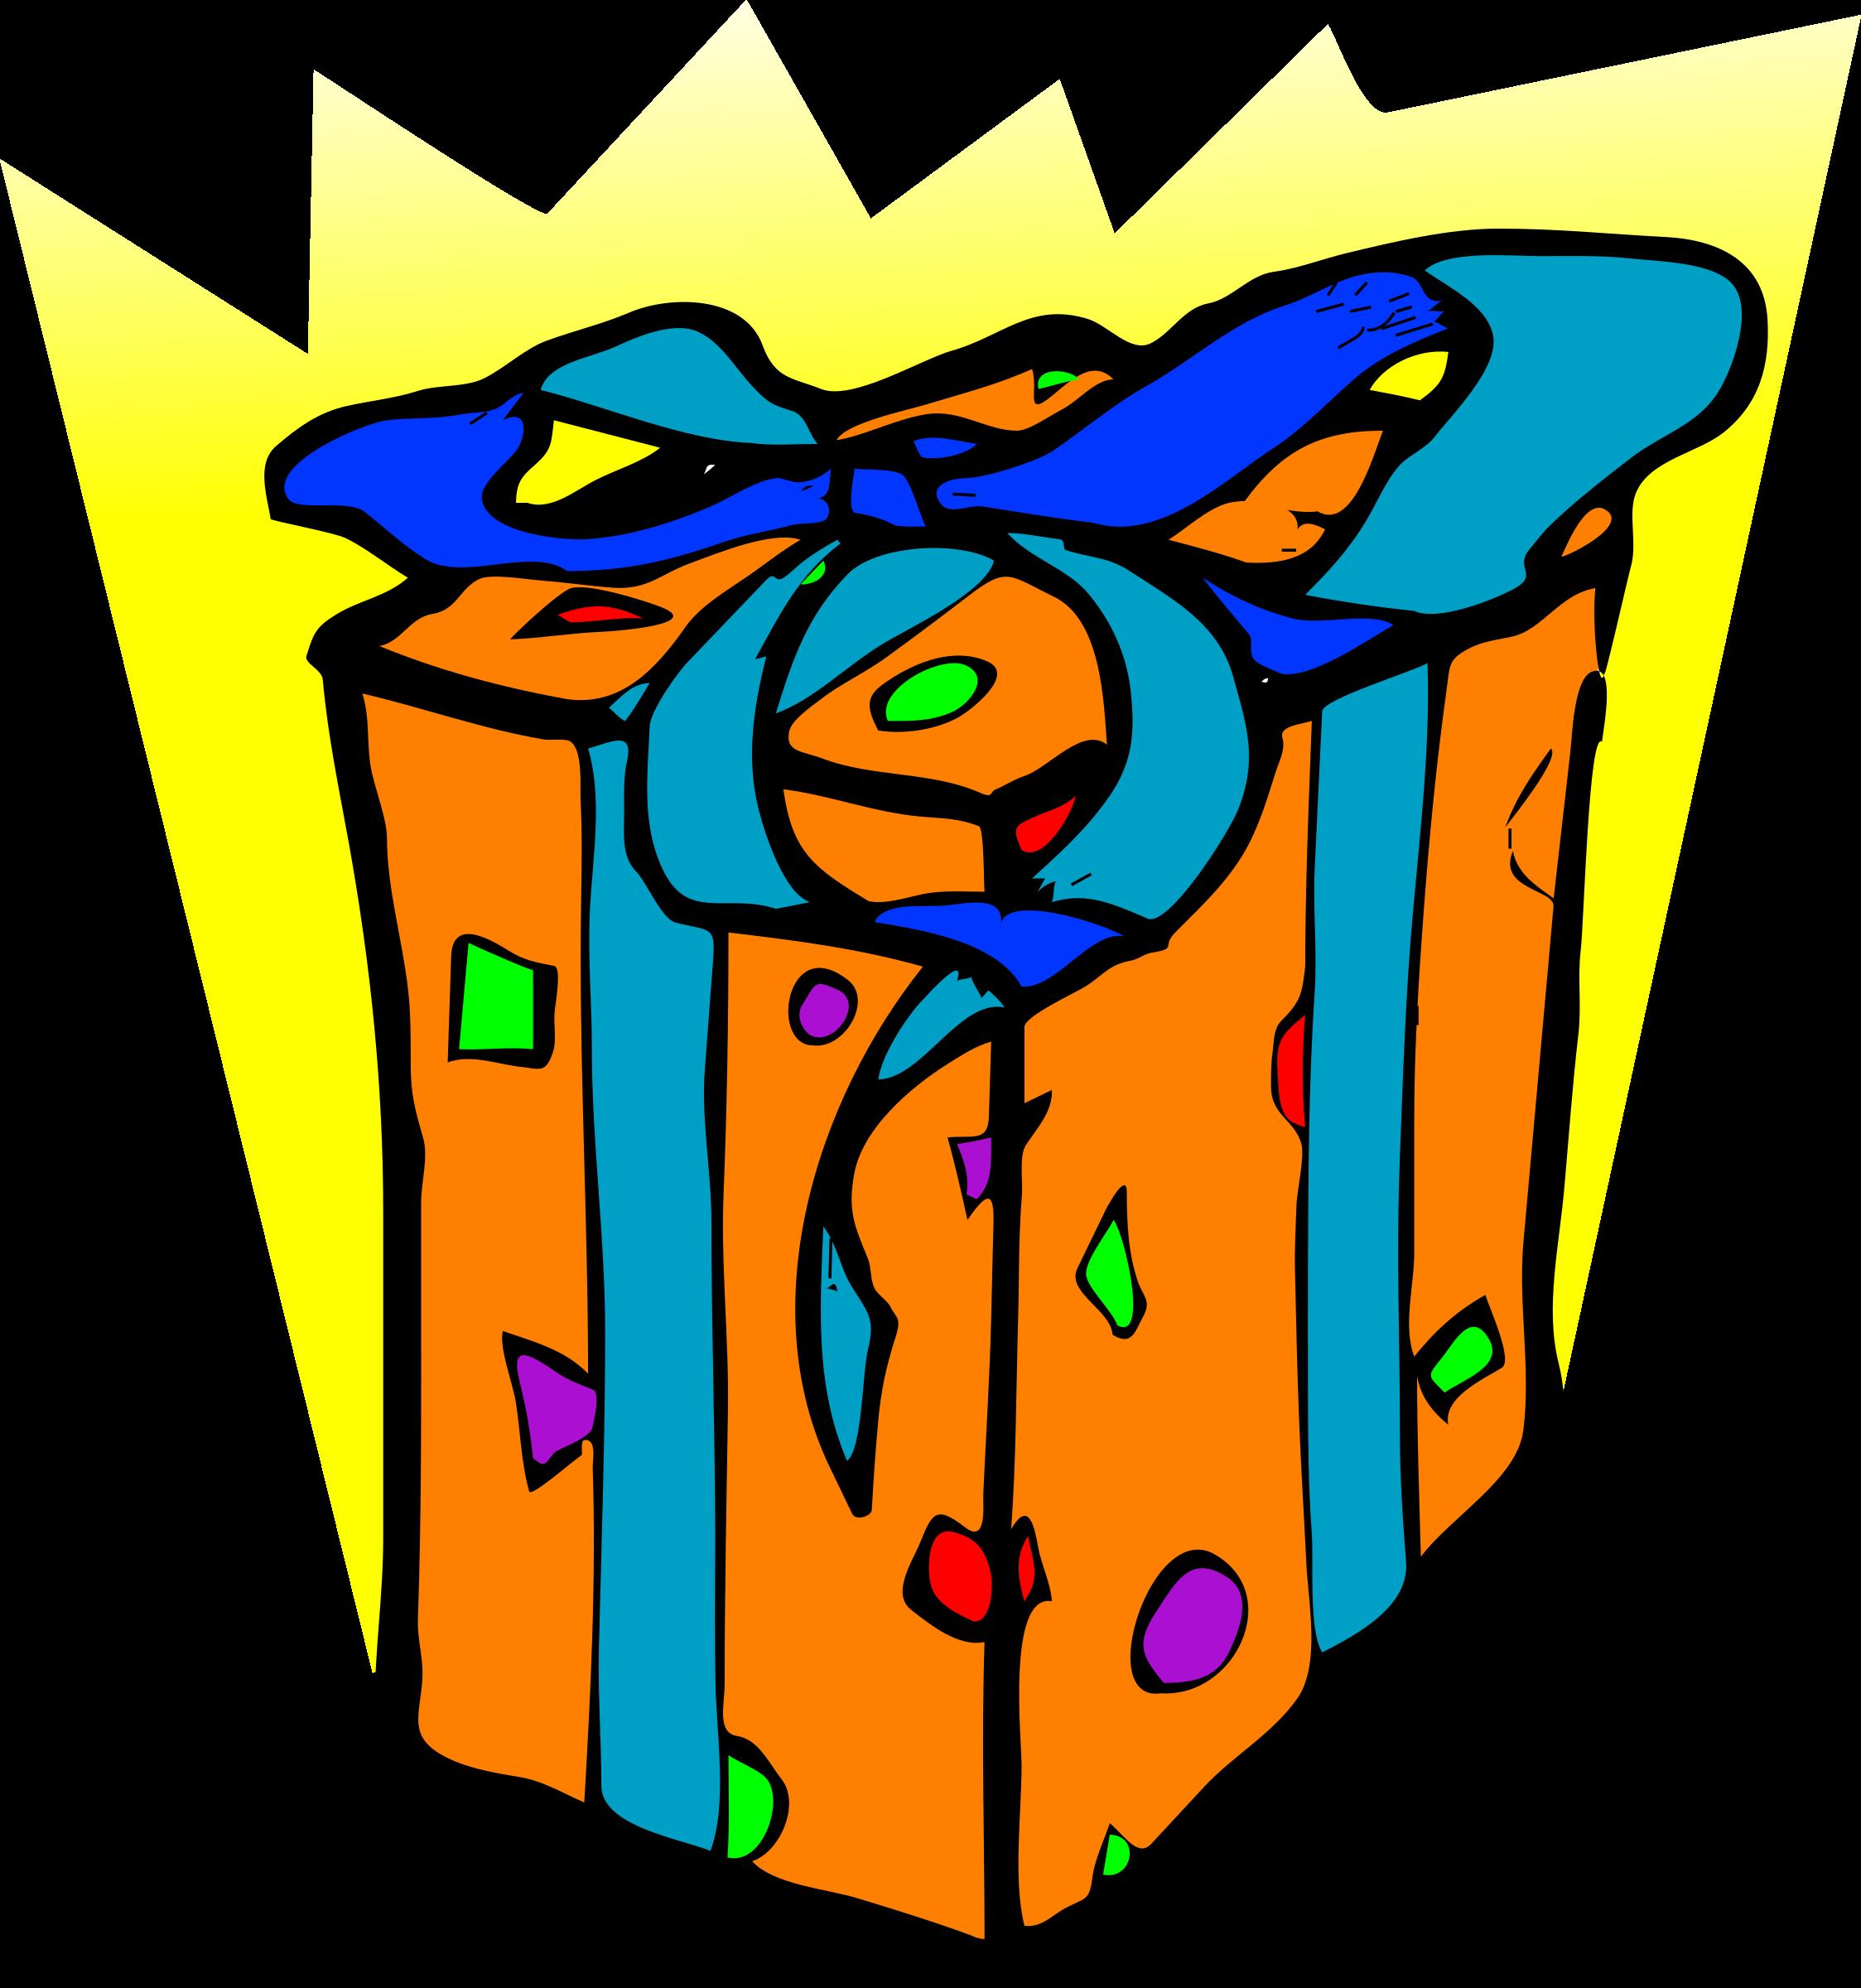 Gift clipart regalo. Architetto pacco big image